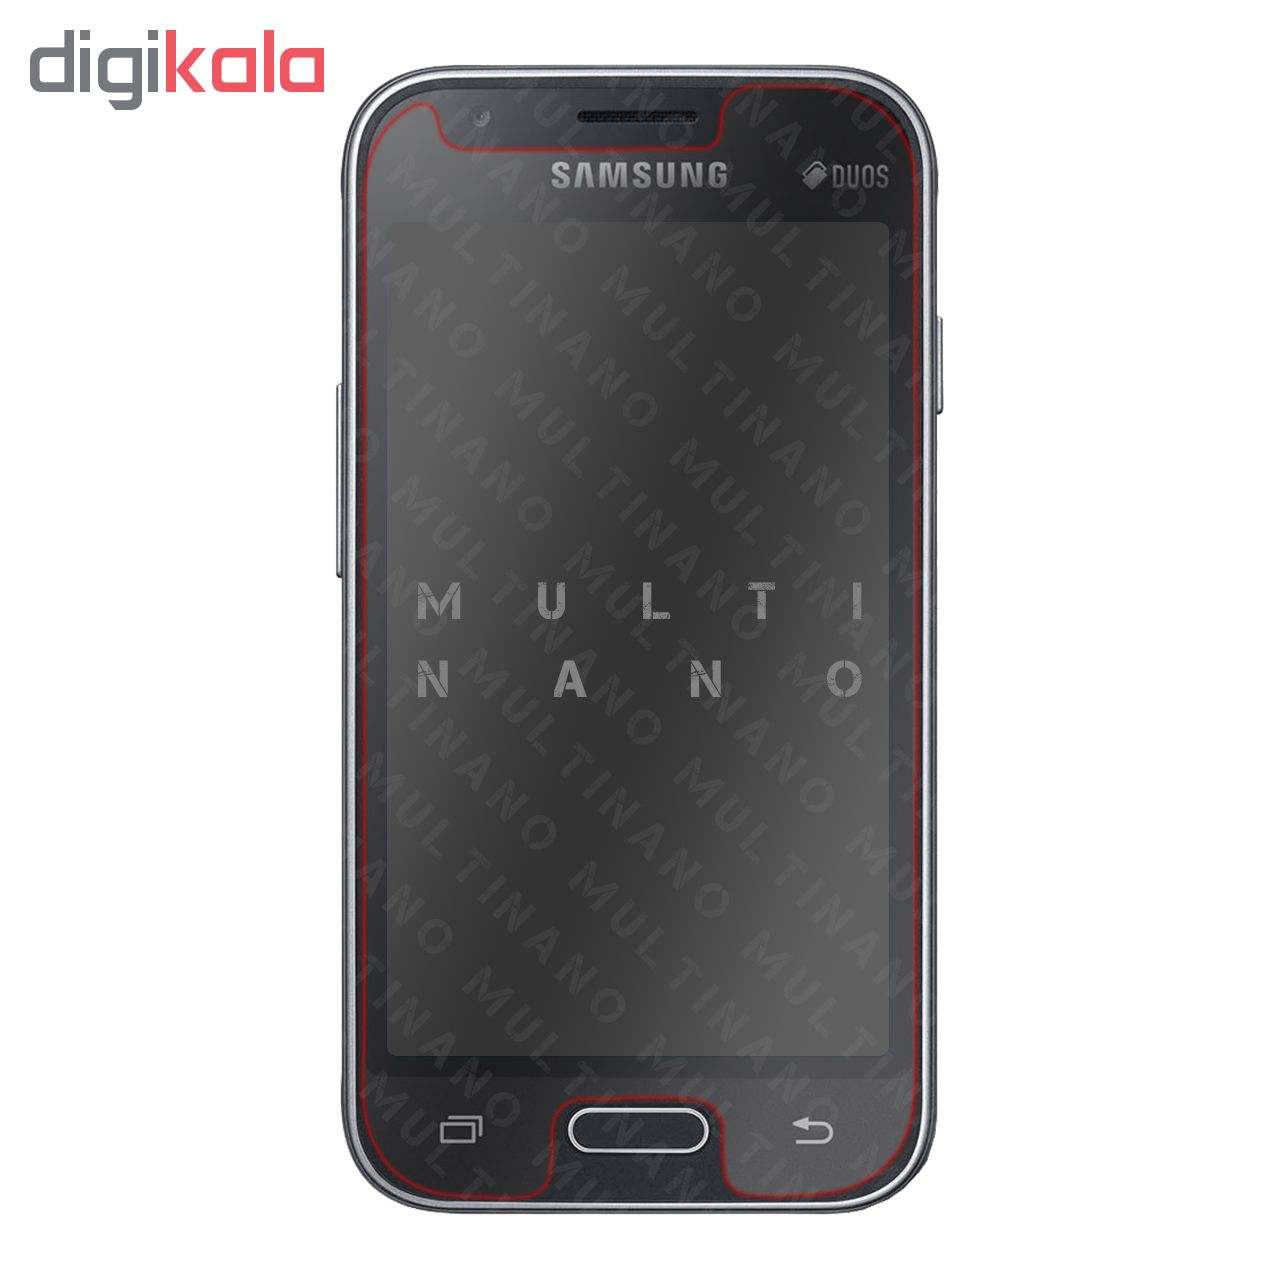 محافظ صفحه نمایش مولتی نانو مناسب برای گوشی موبایل سامسونگ گلکسی جی 1 مینی main 1 1